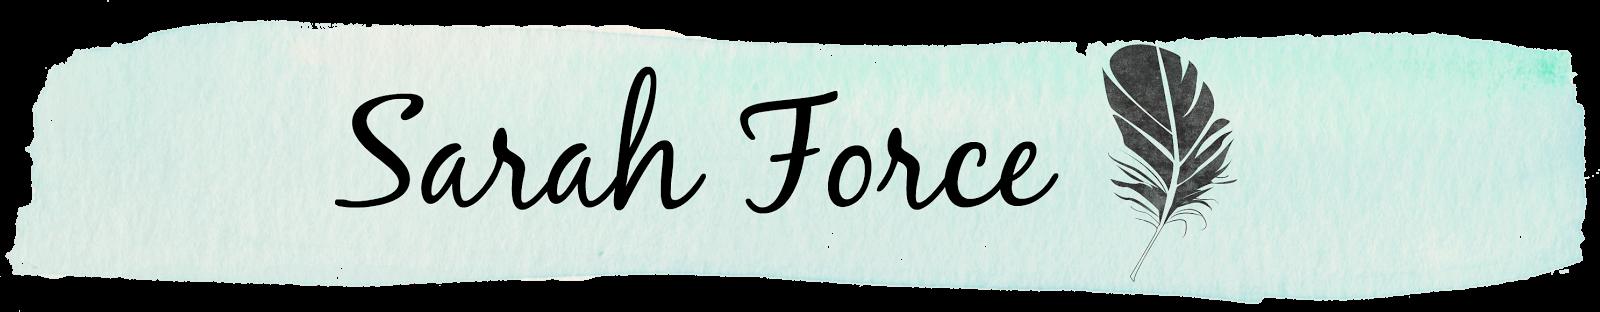 Sarah Force